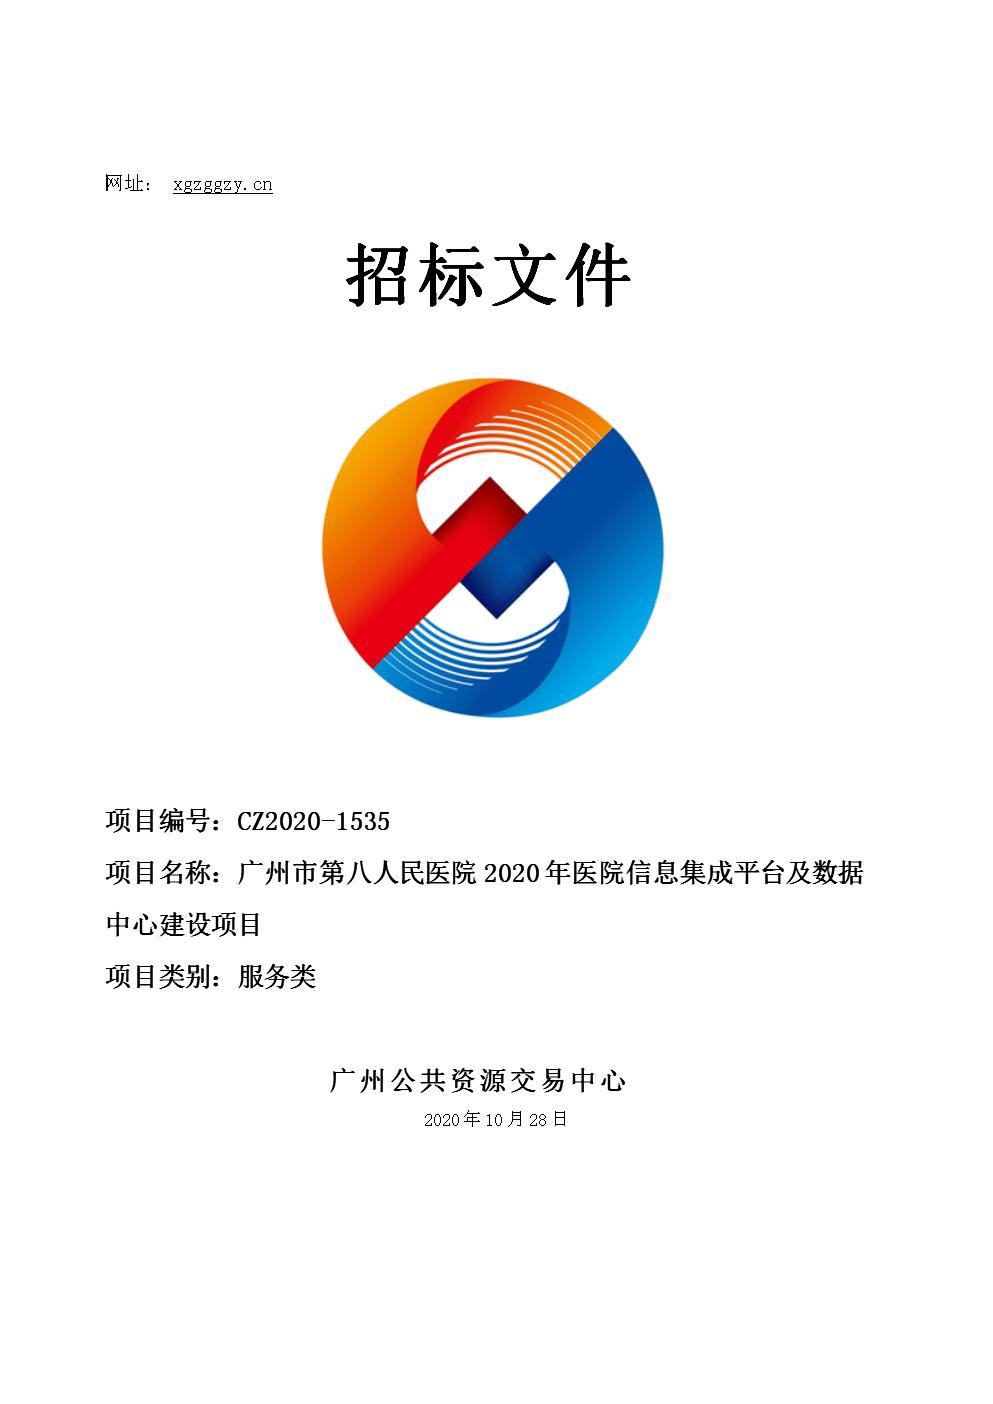 2020年医院信息集成平台及数据中心建设项目招标文件.doc